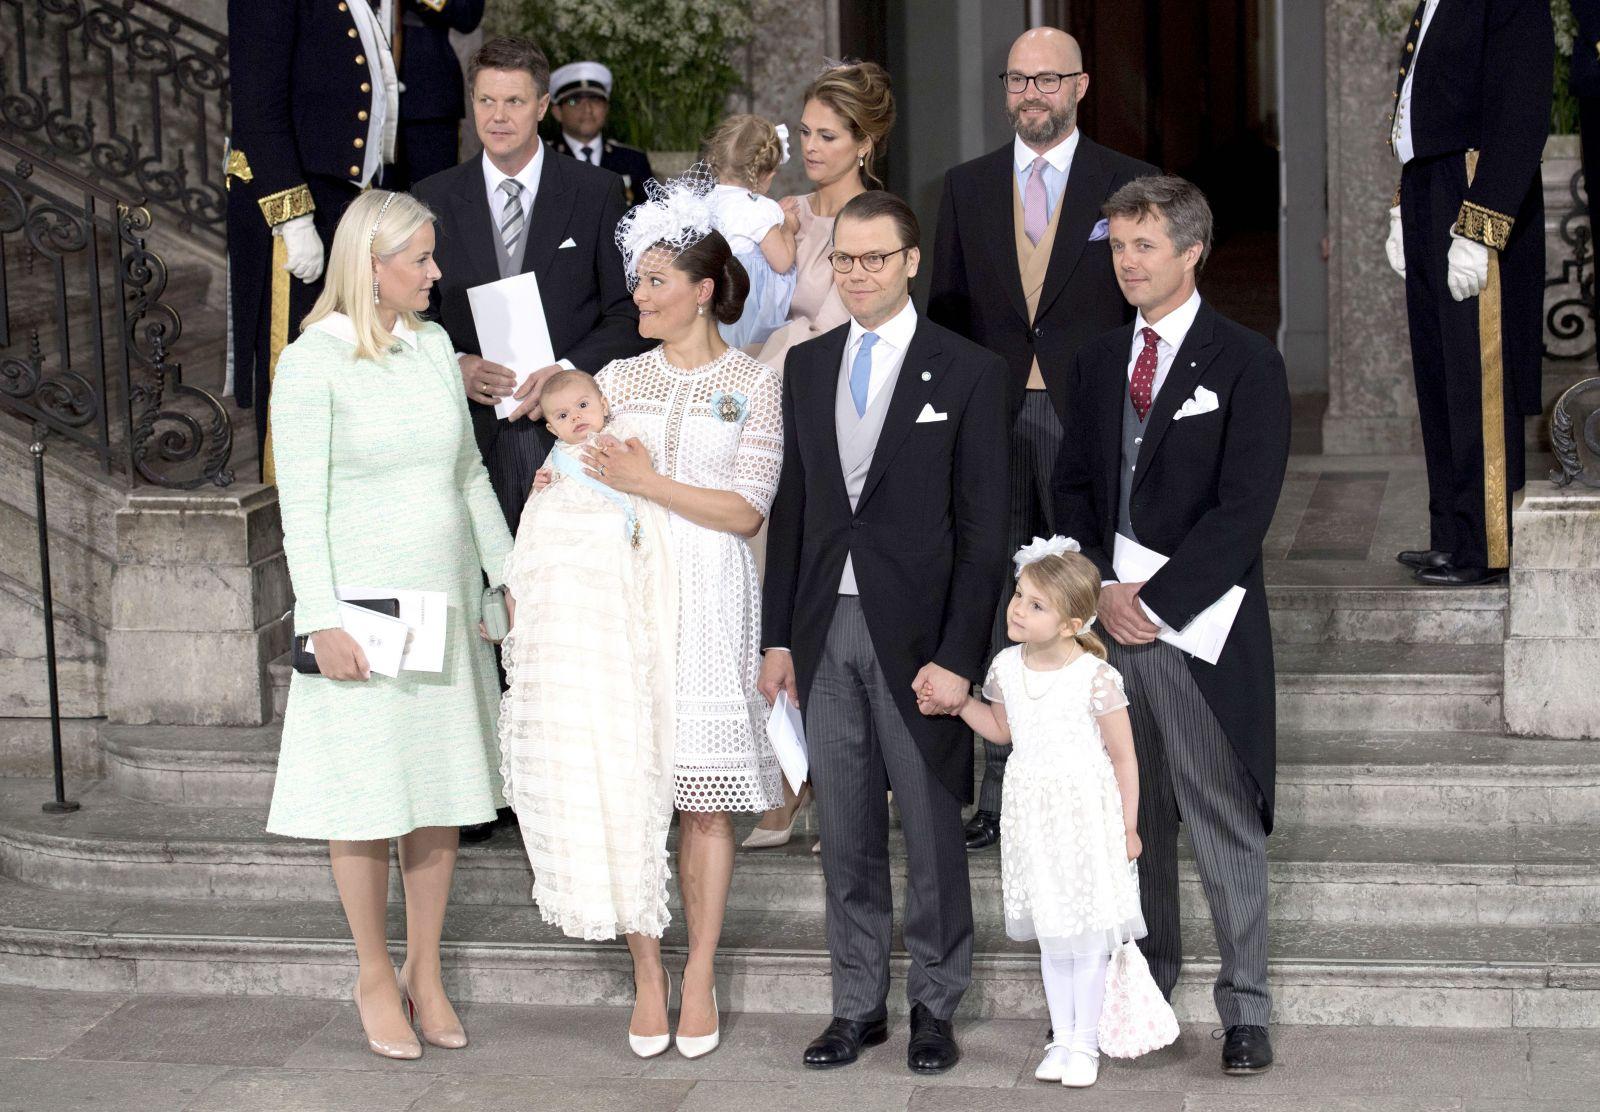 Шведская семья фото 5 фотография